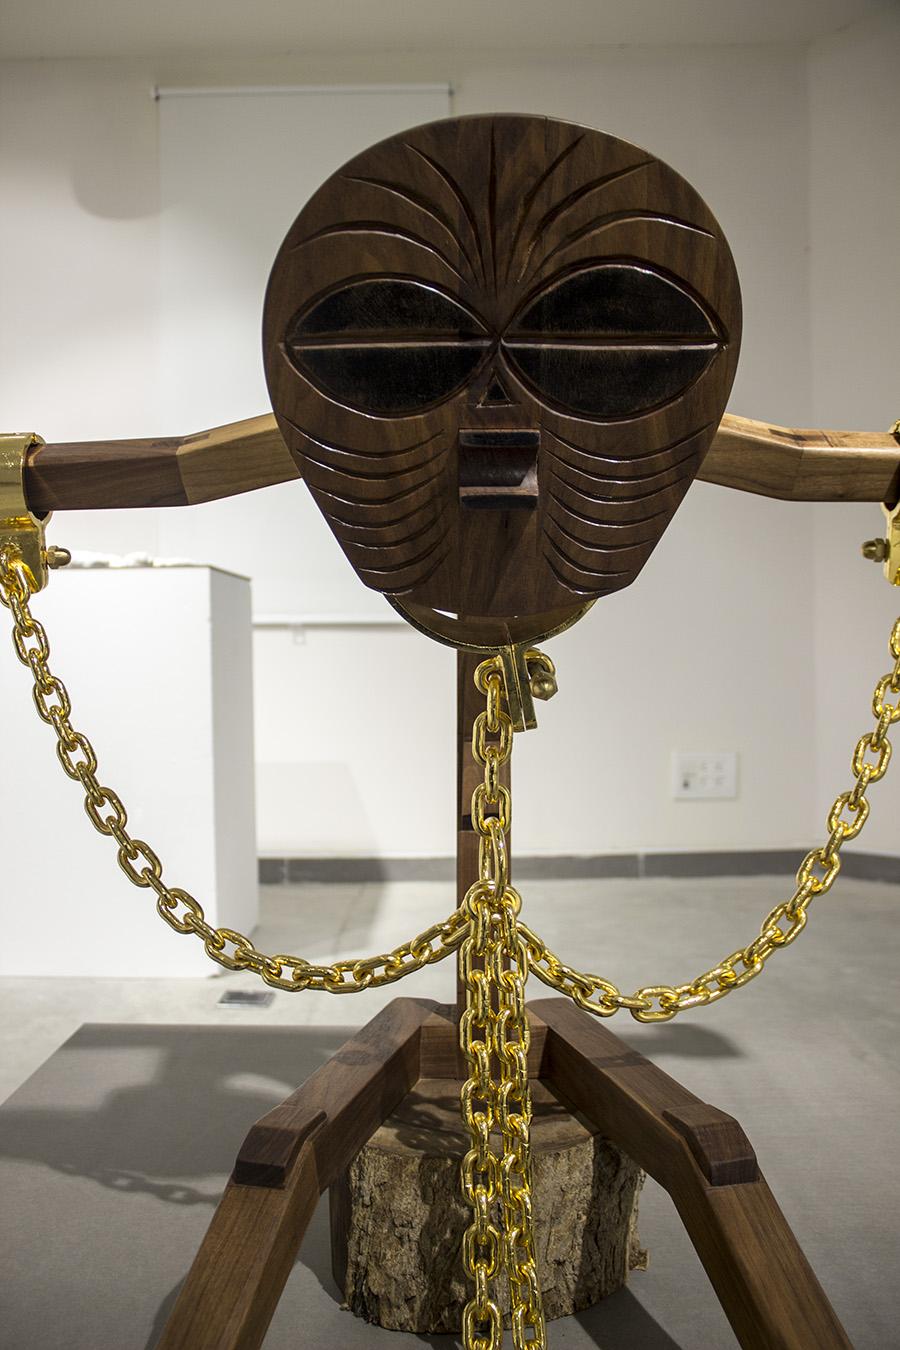 ״עבדות מודרנית״ - עופר זיק